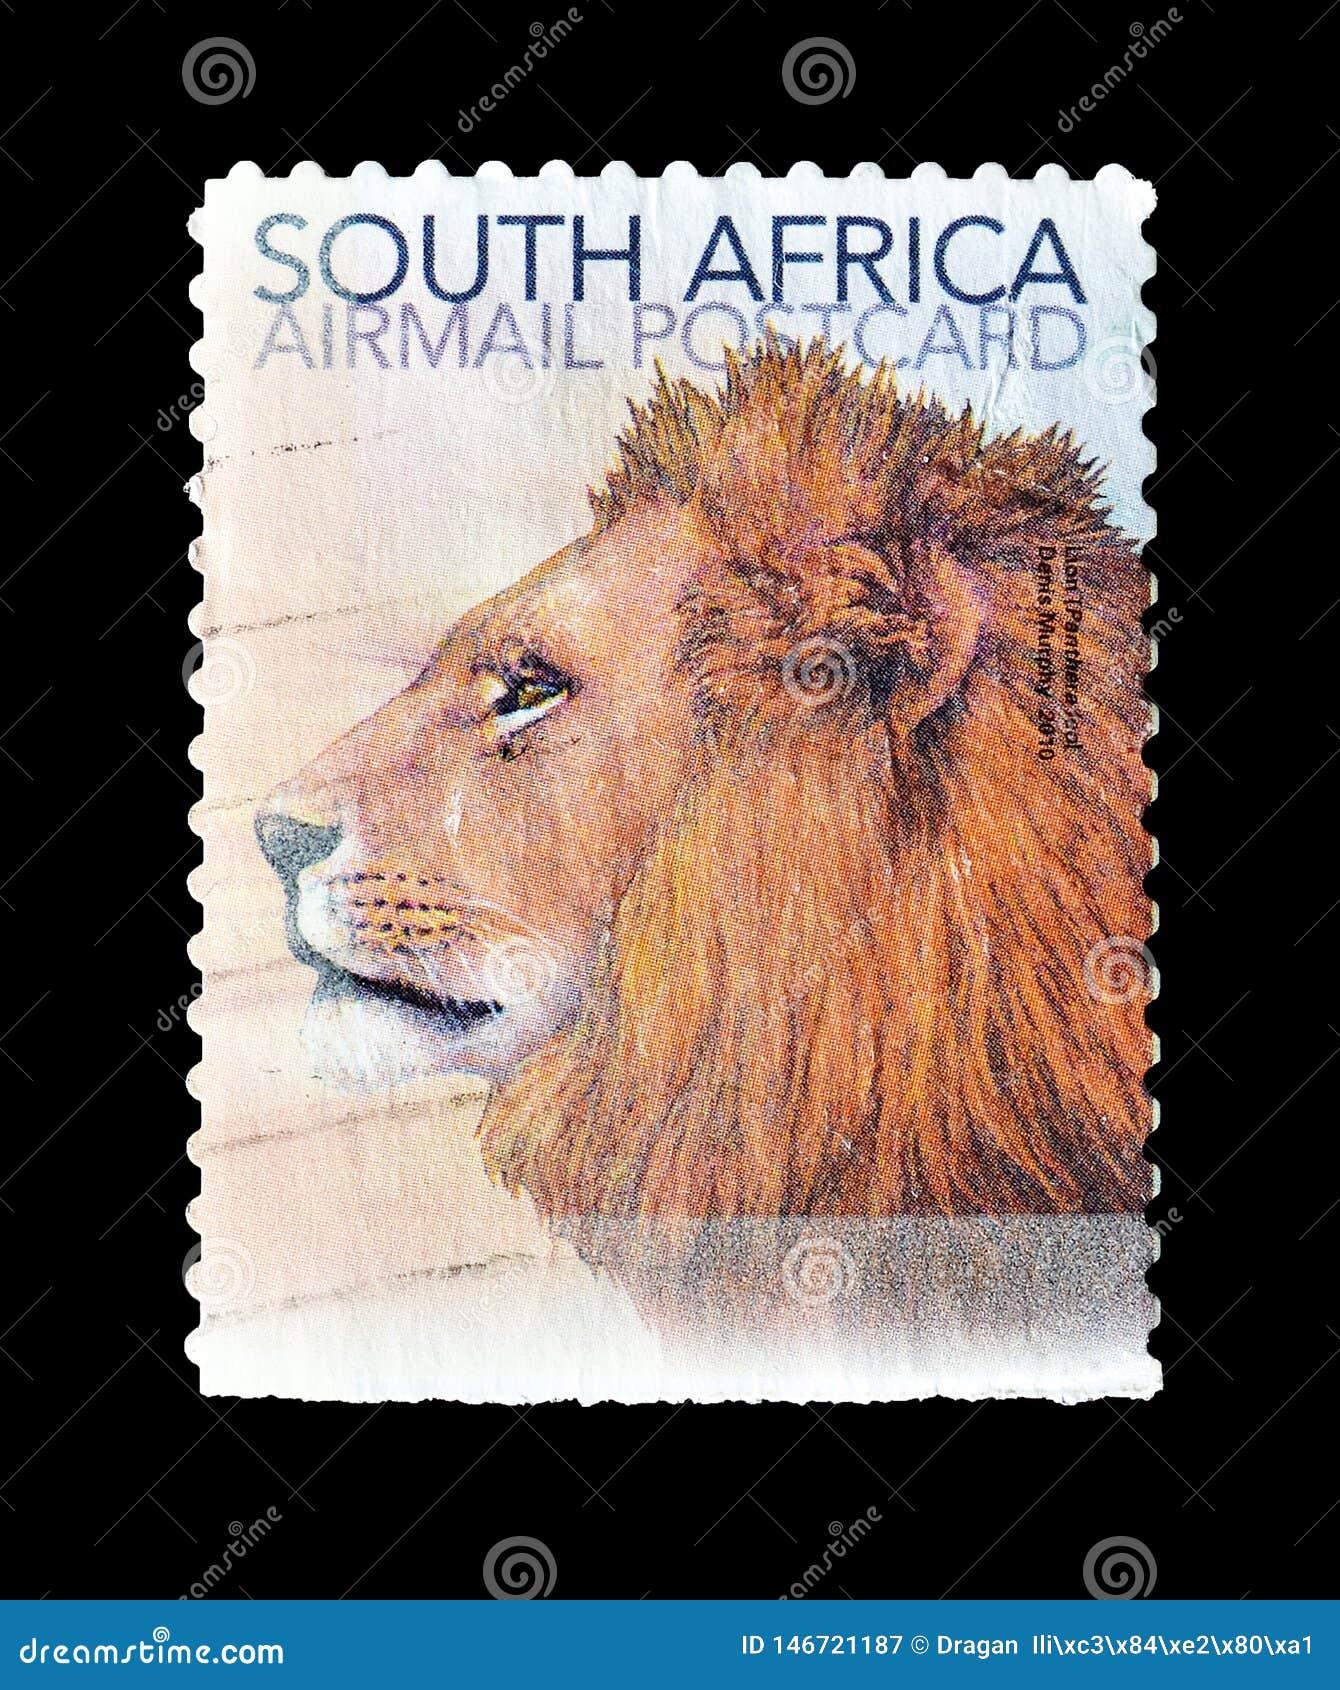 Animais selvagens em selos postais